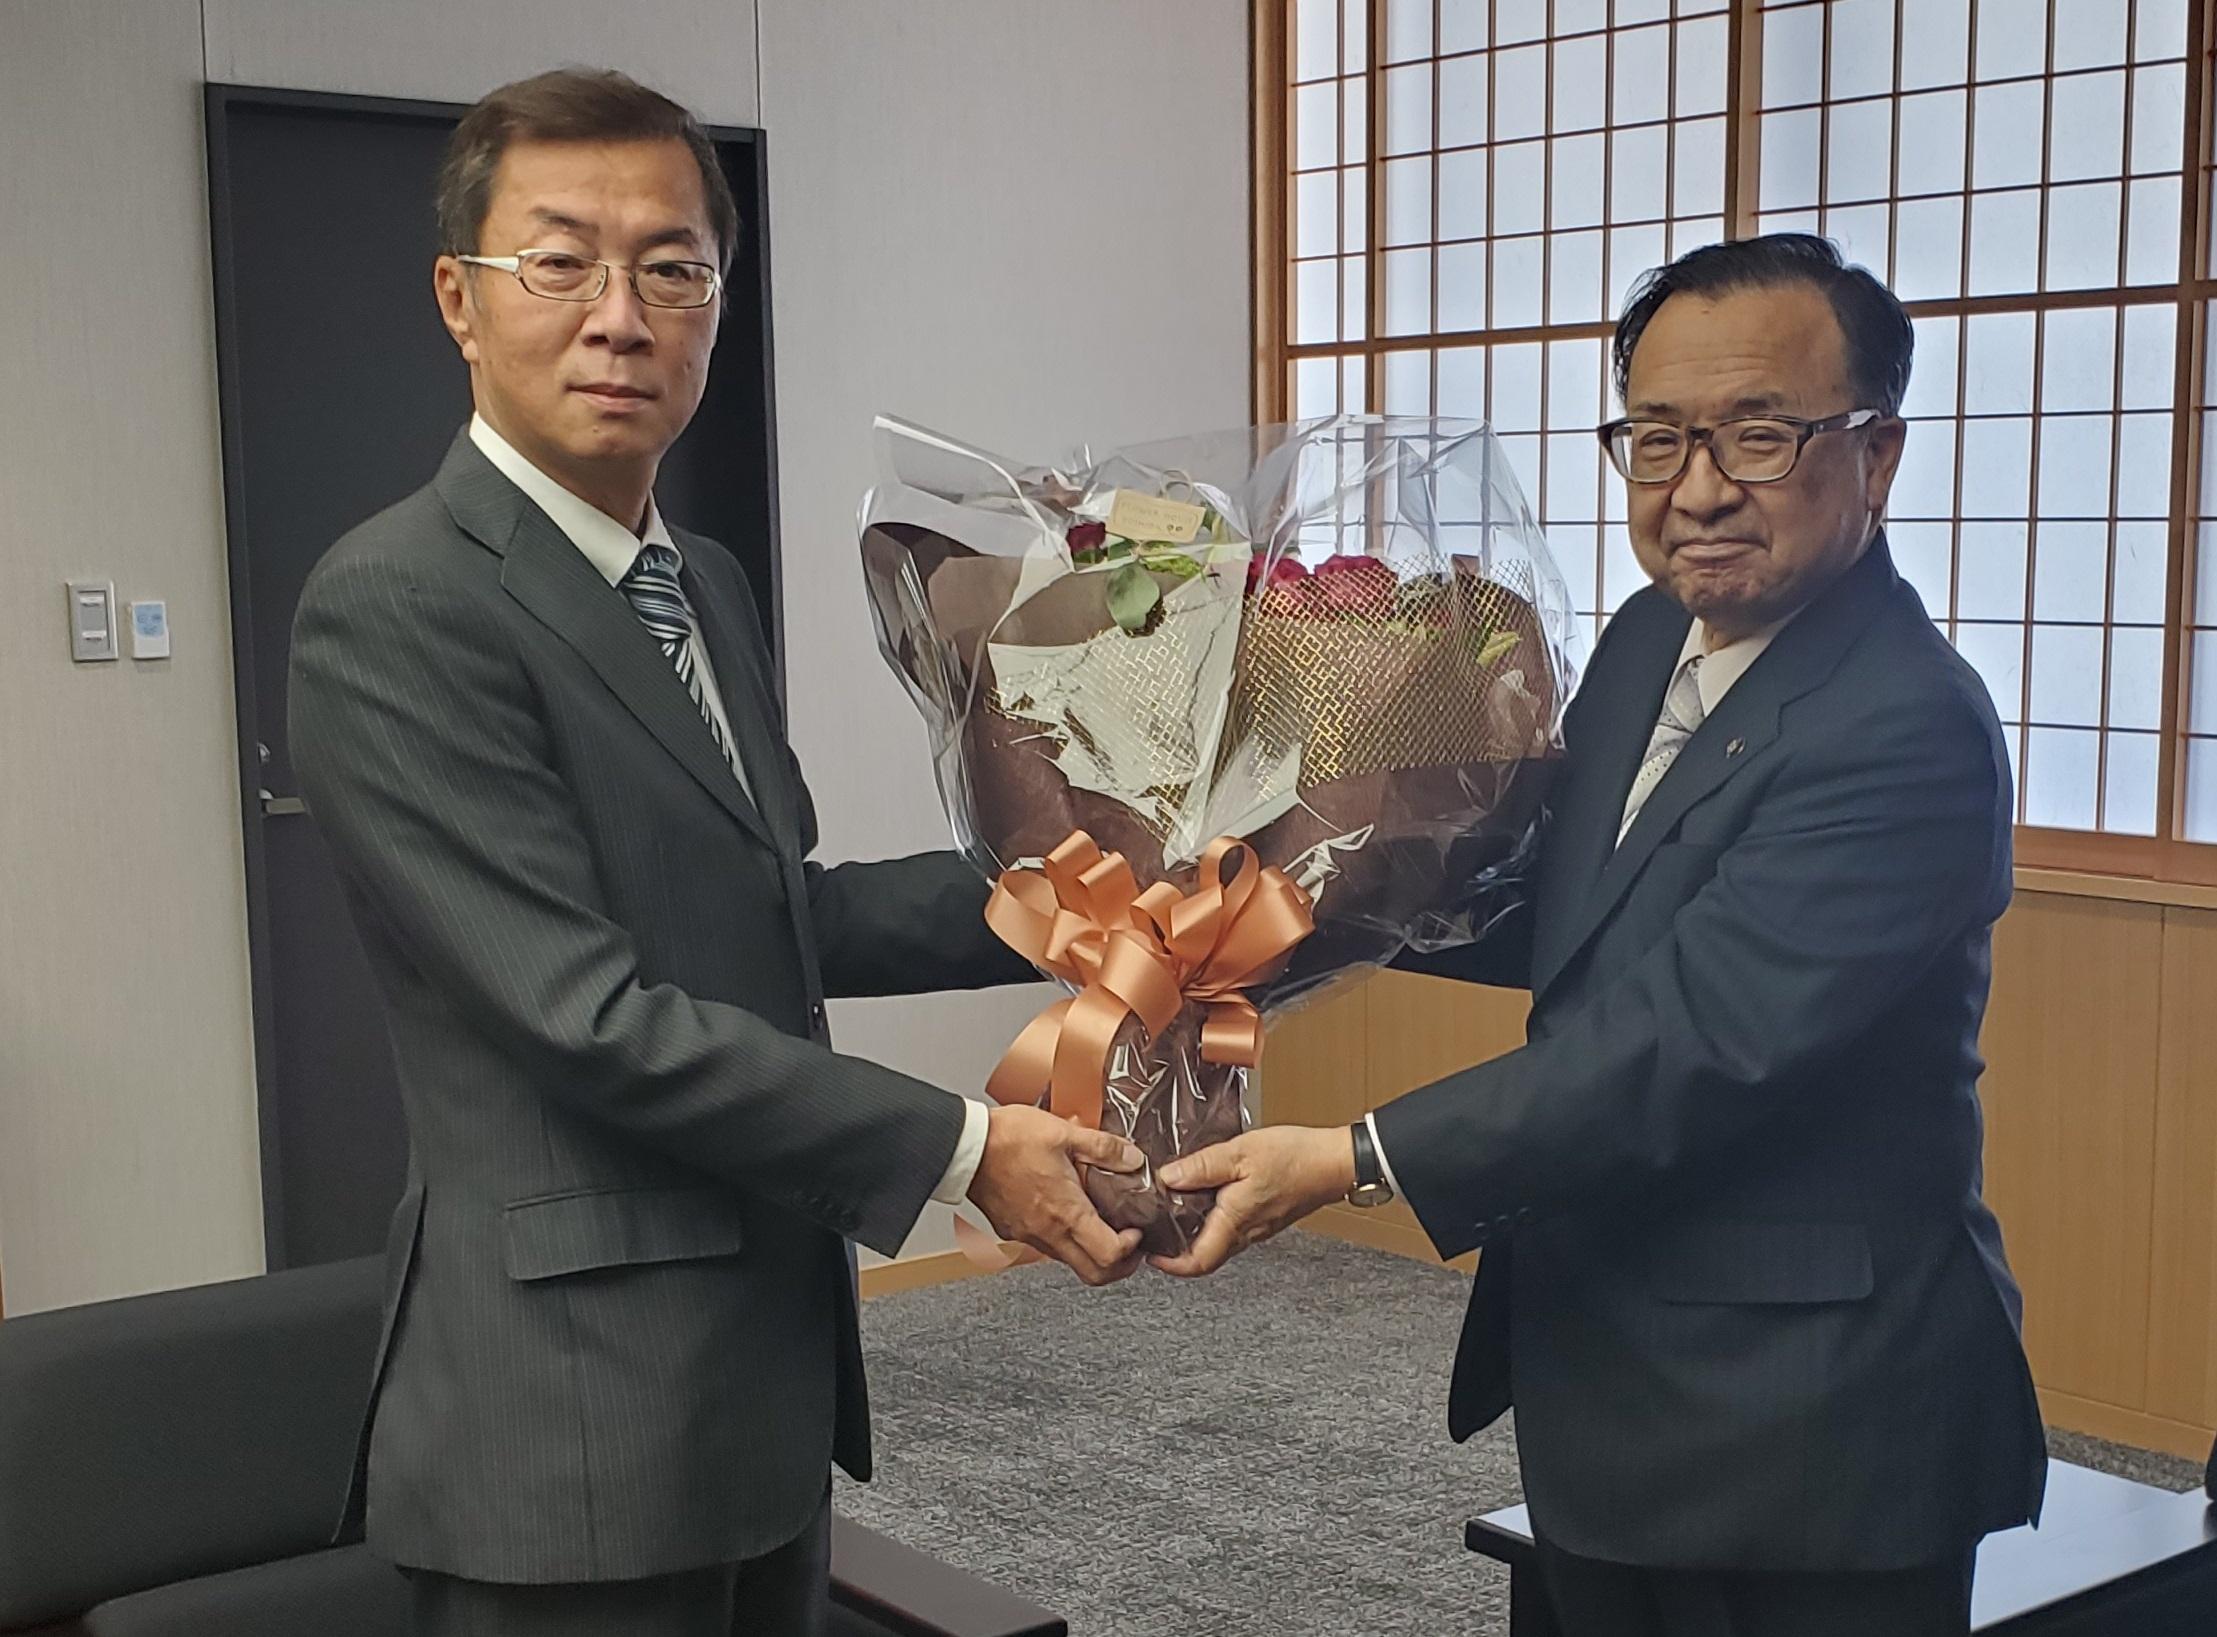 西濃地協 小川敏大垣市長の勇退に伴う表敬訪問